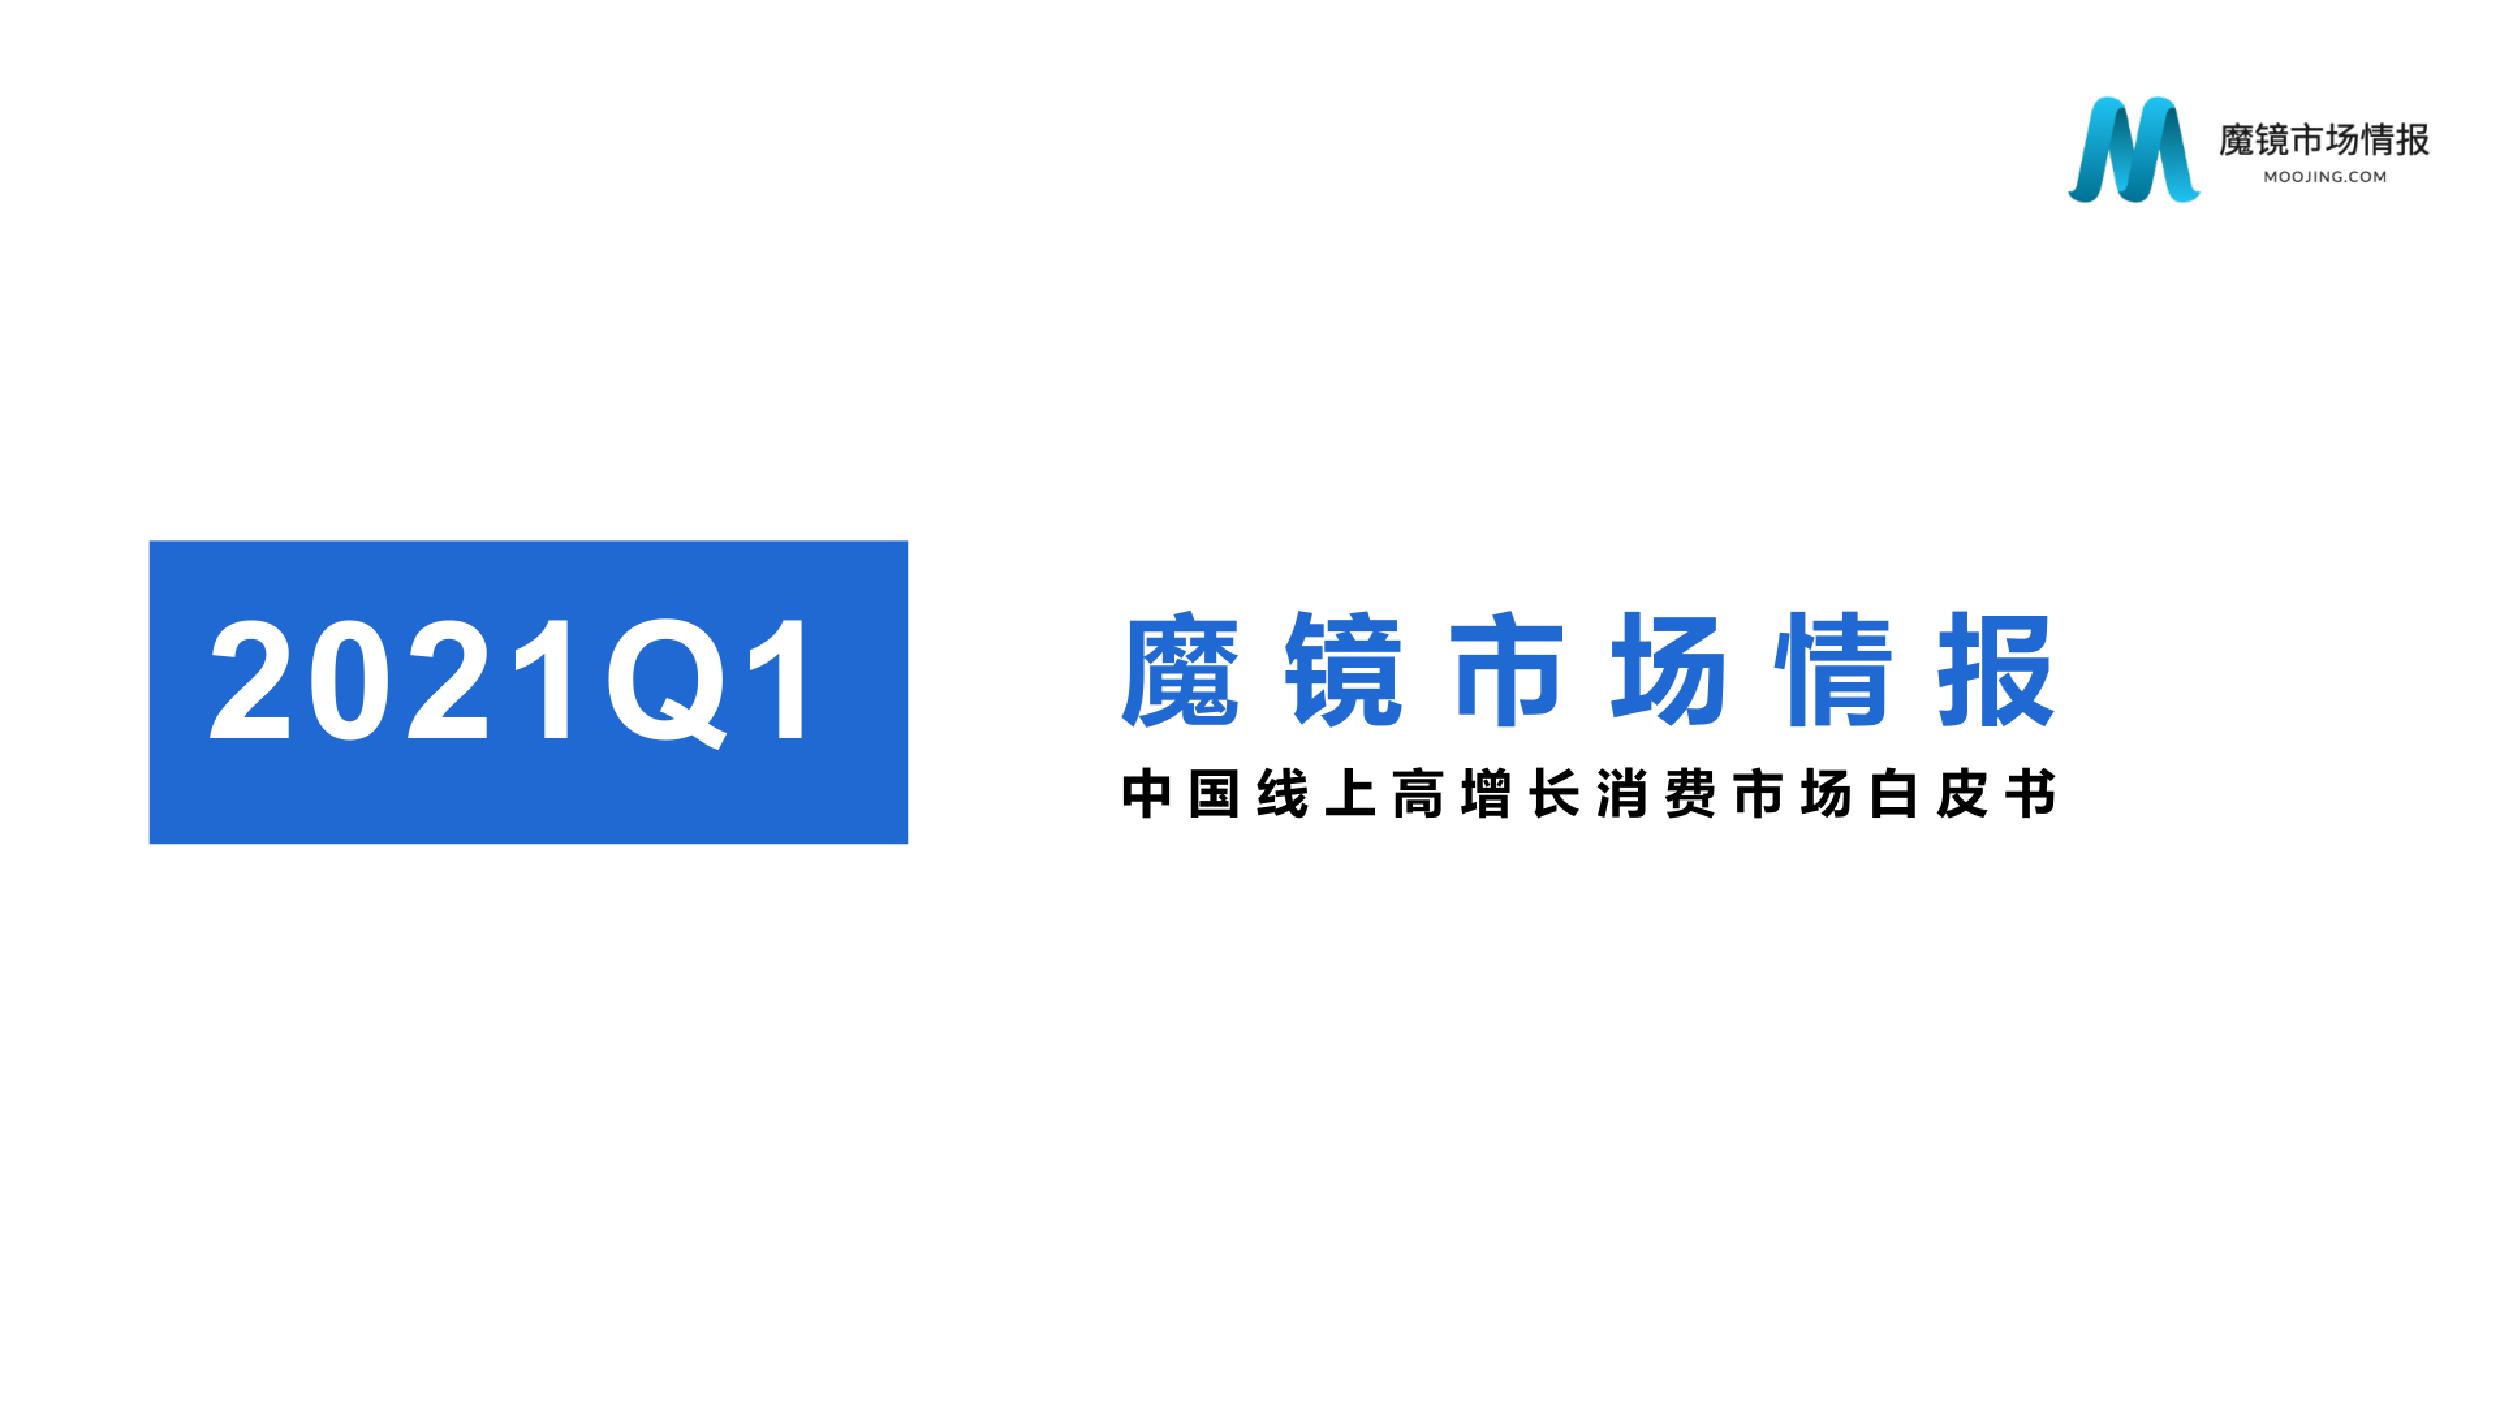 【魔镜市场情报】2021Q1中国线上高增长消费市场白皮书